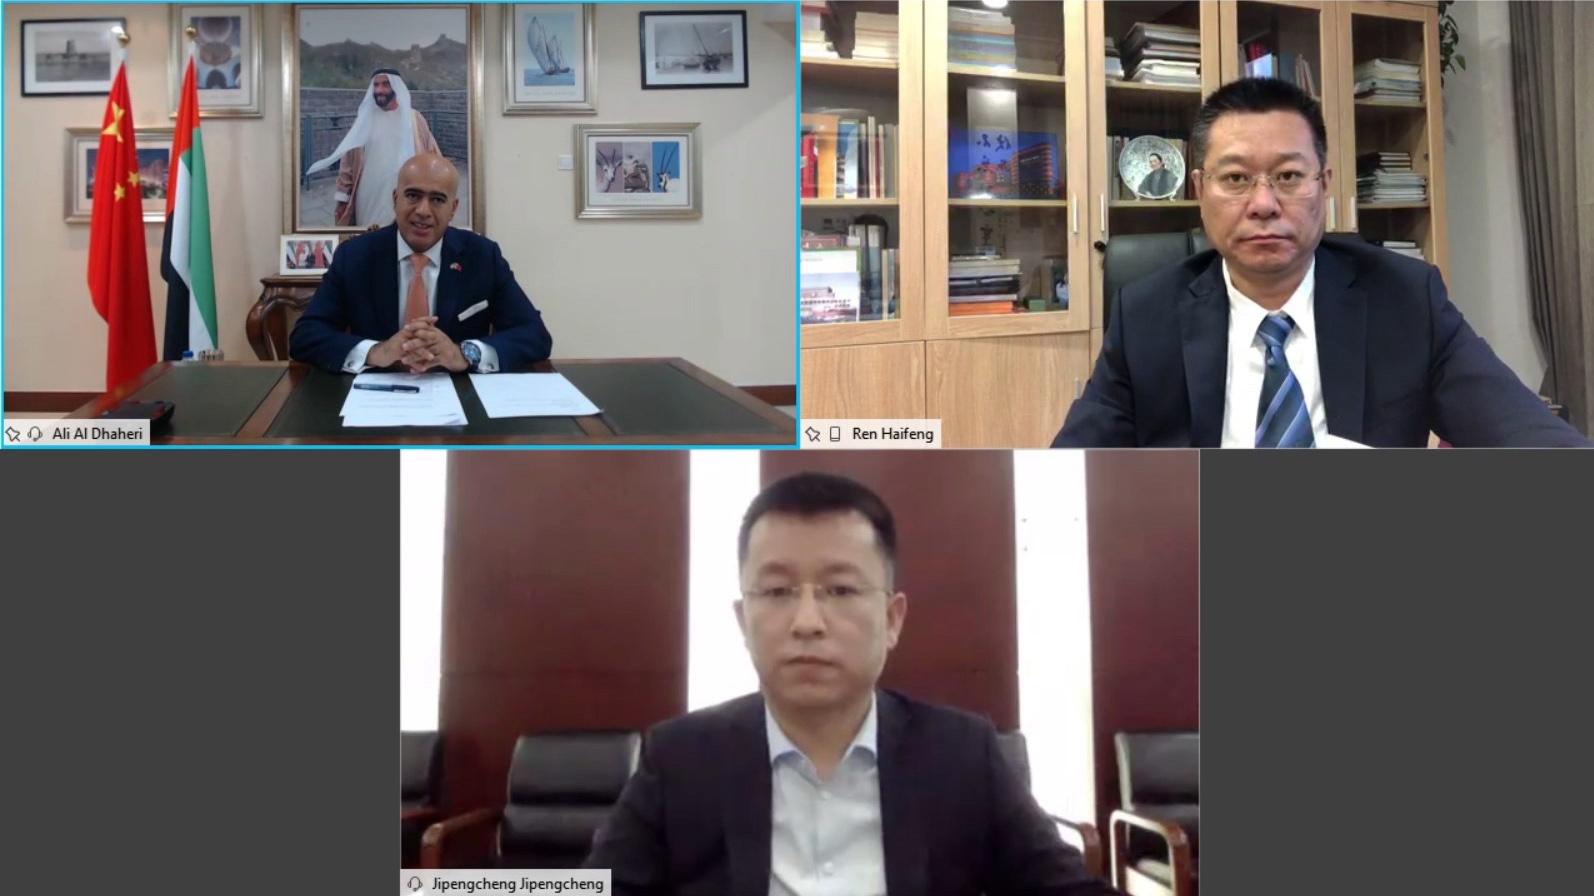 زكي نسيبة يشيد بنجاح أسبوع الثقافة الافتراضية الإماراتي الصيني